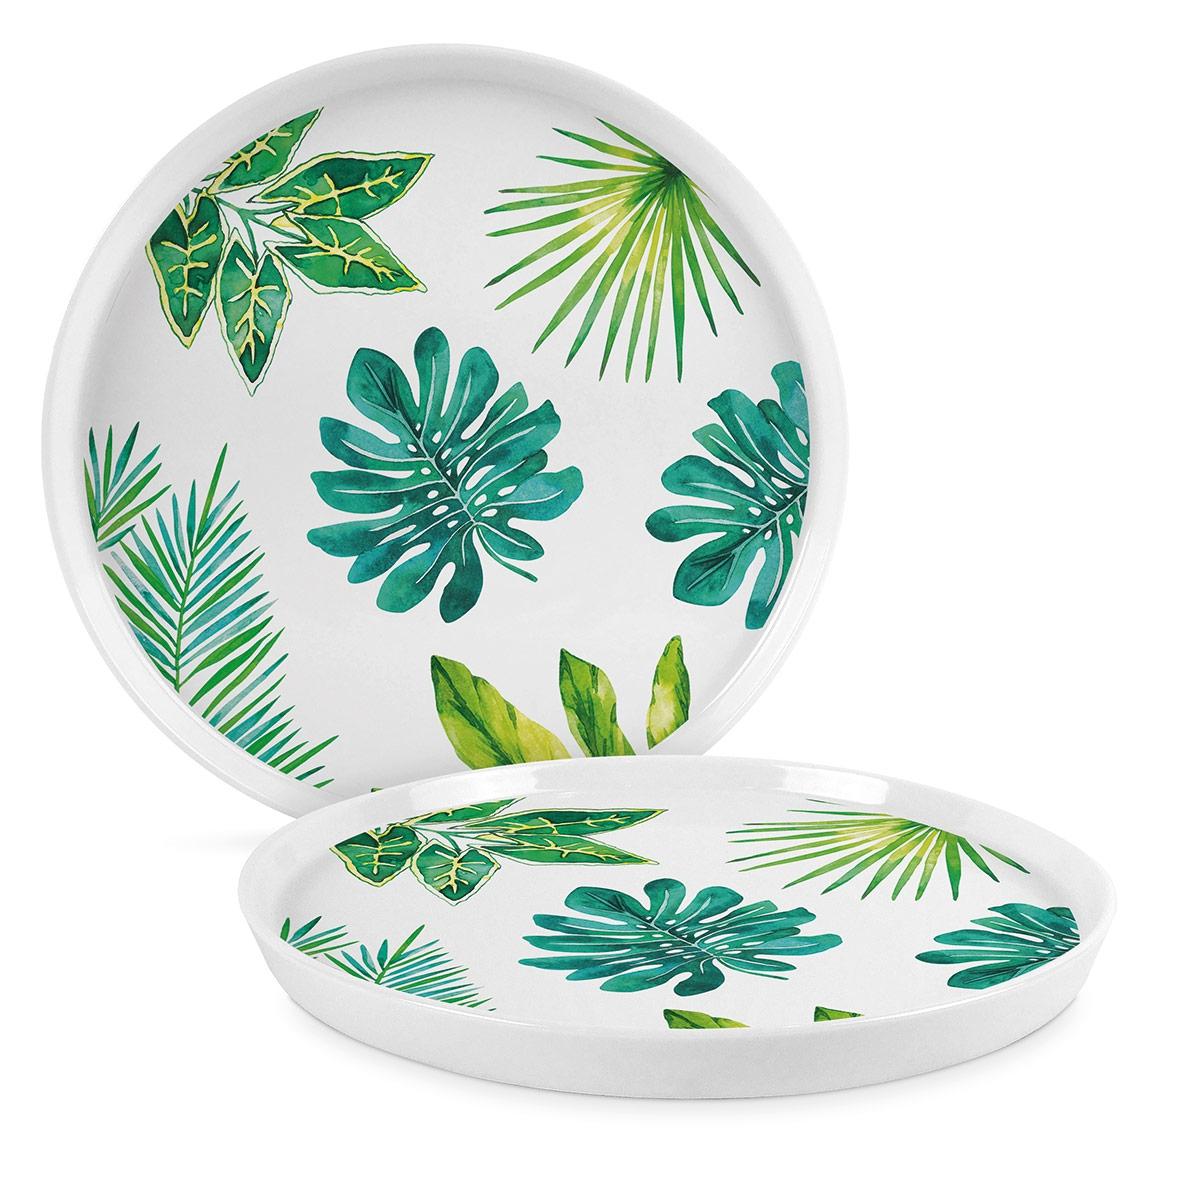 Placa de porcelana de 27 cm. - Jungle Trend Plate 27